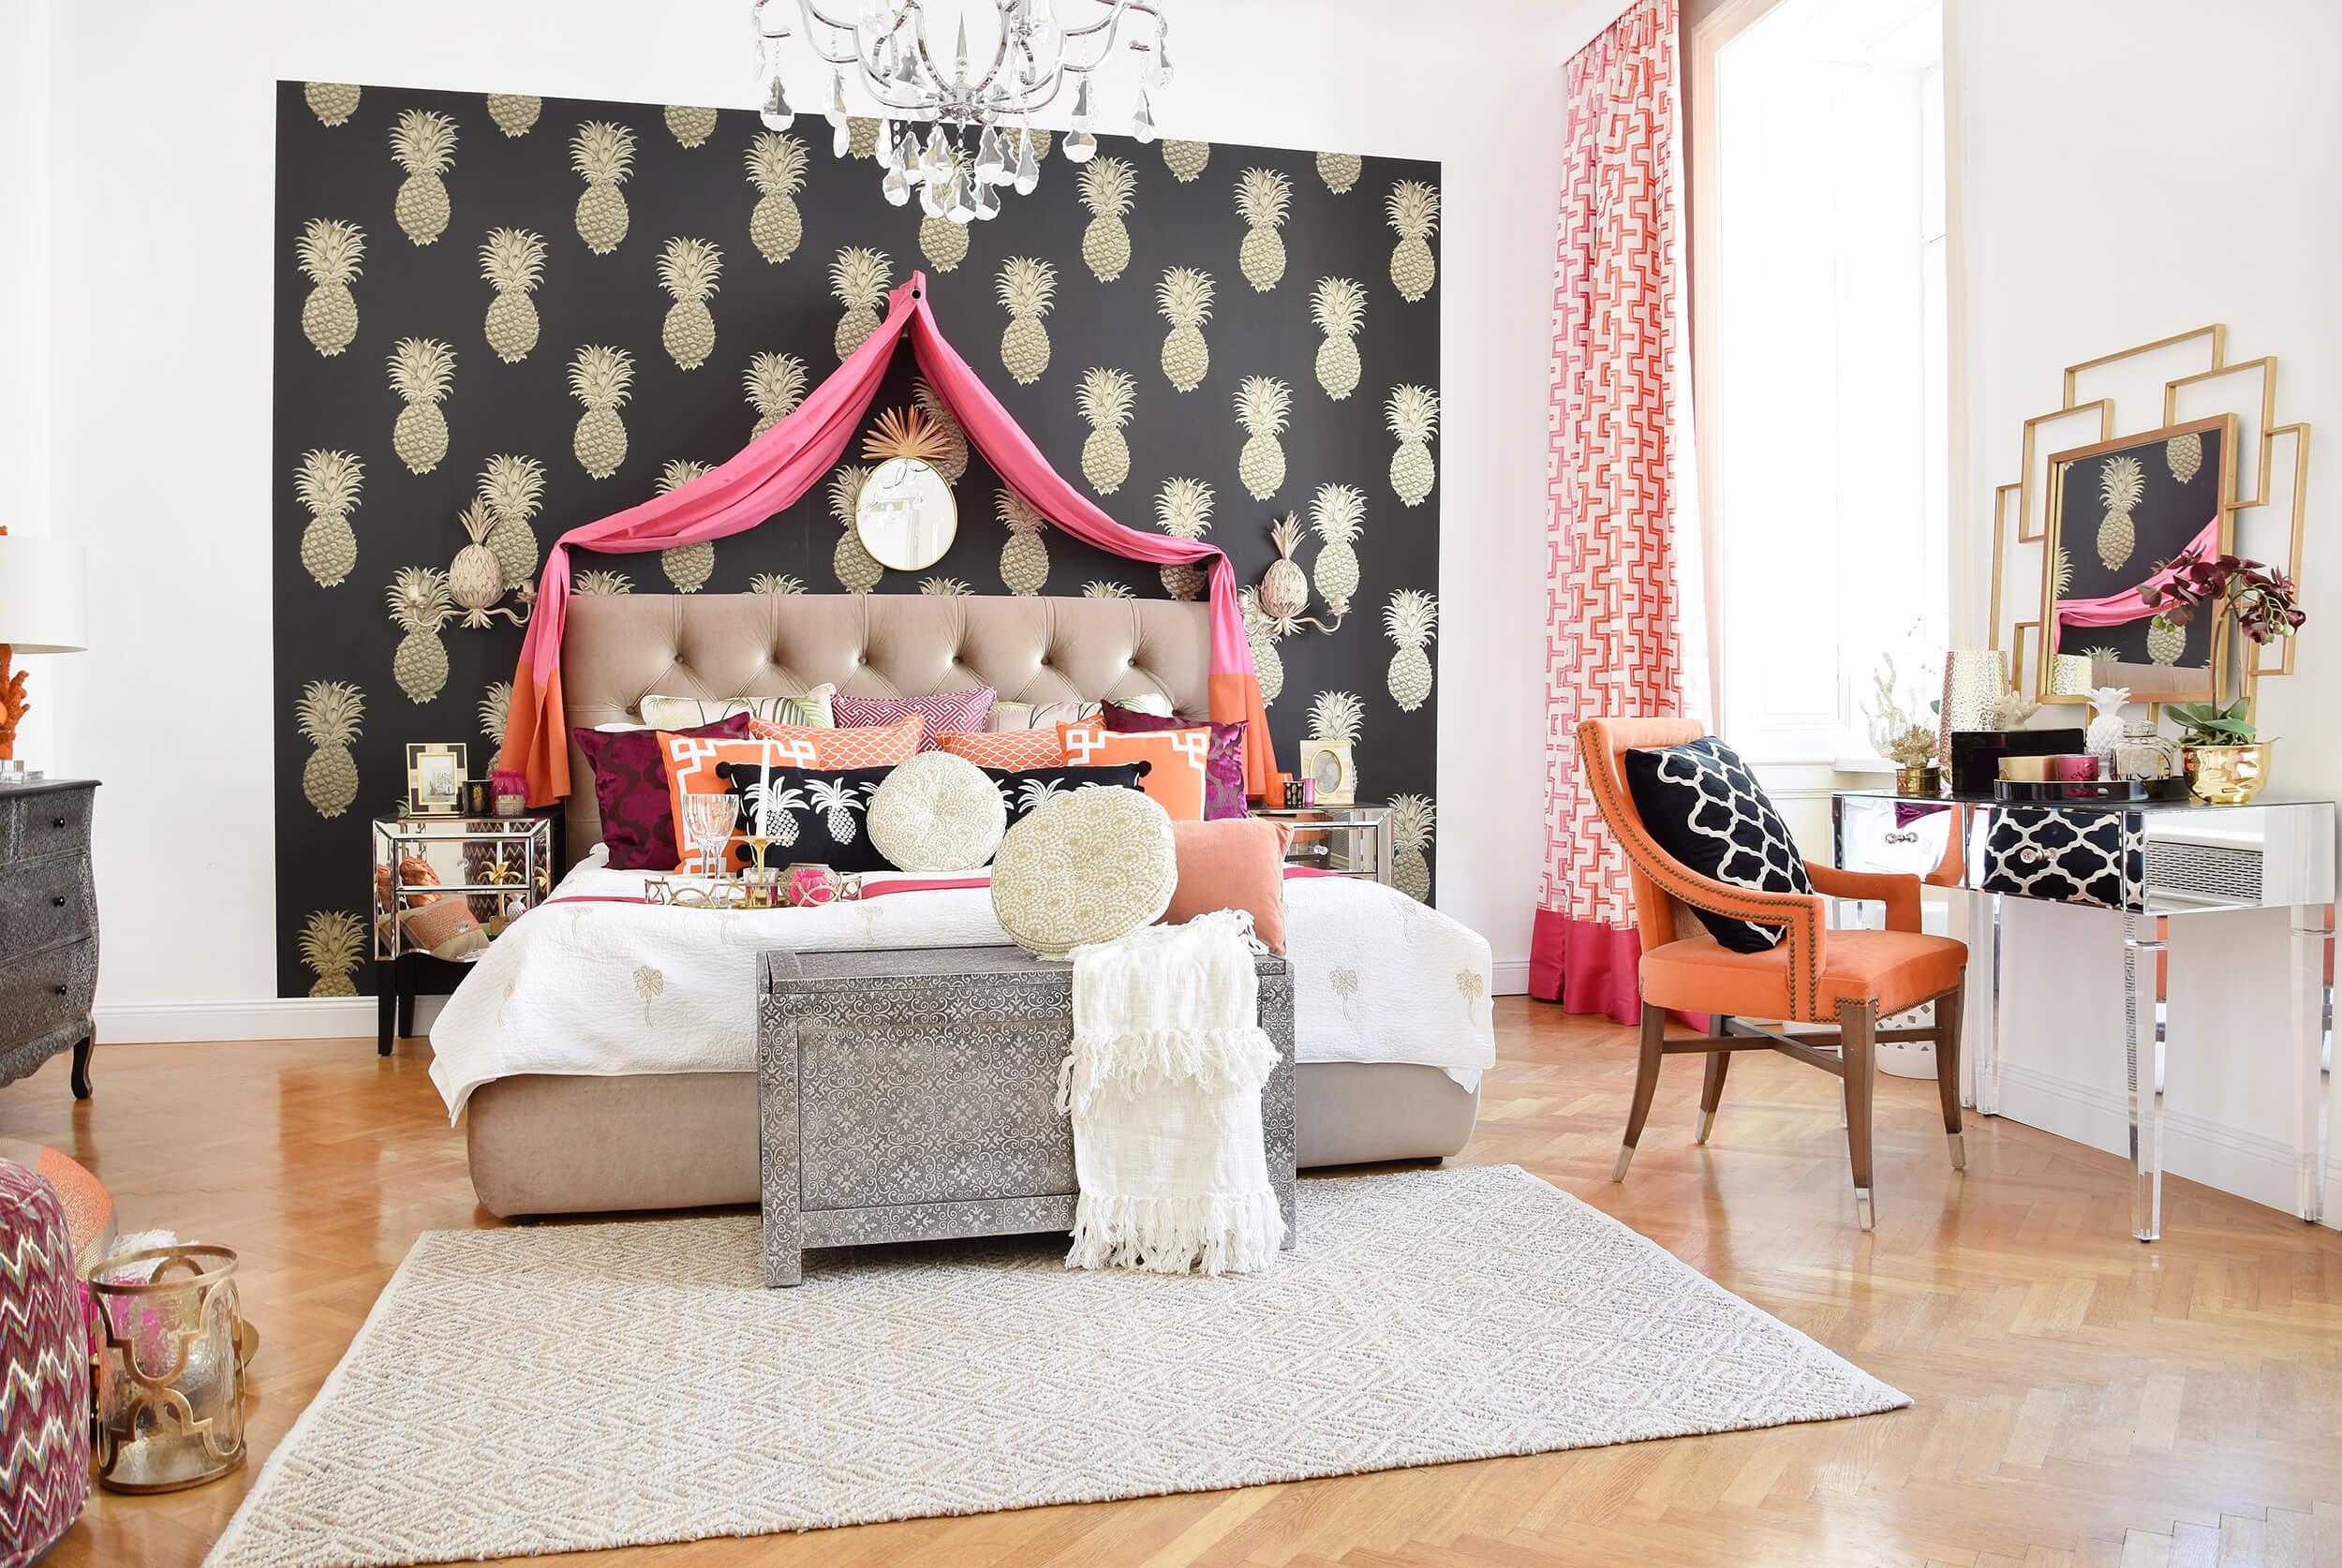 Oriental Bedroom - Schlafzimmer-Traum aus 1001 Nacht